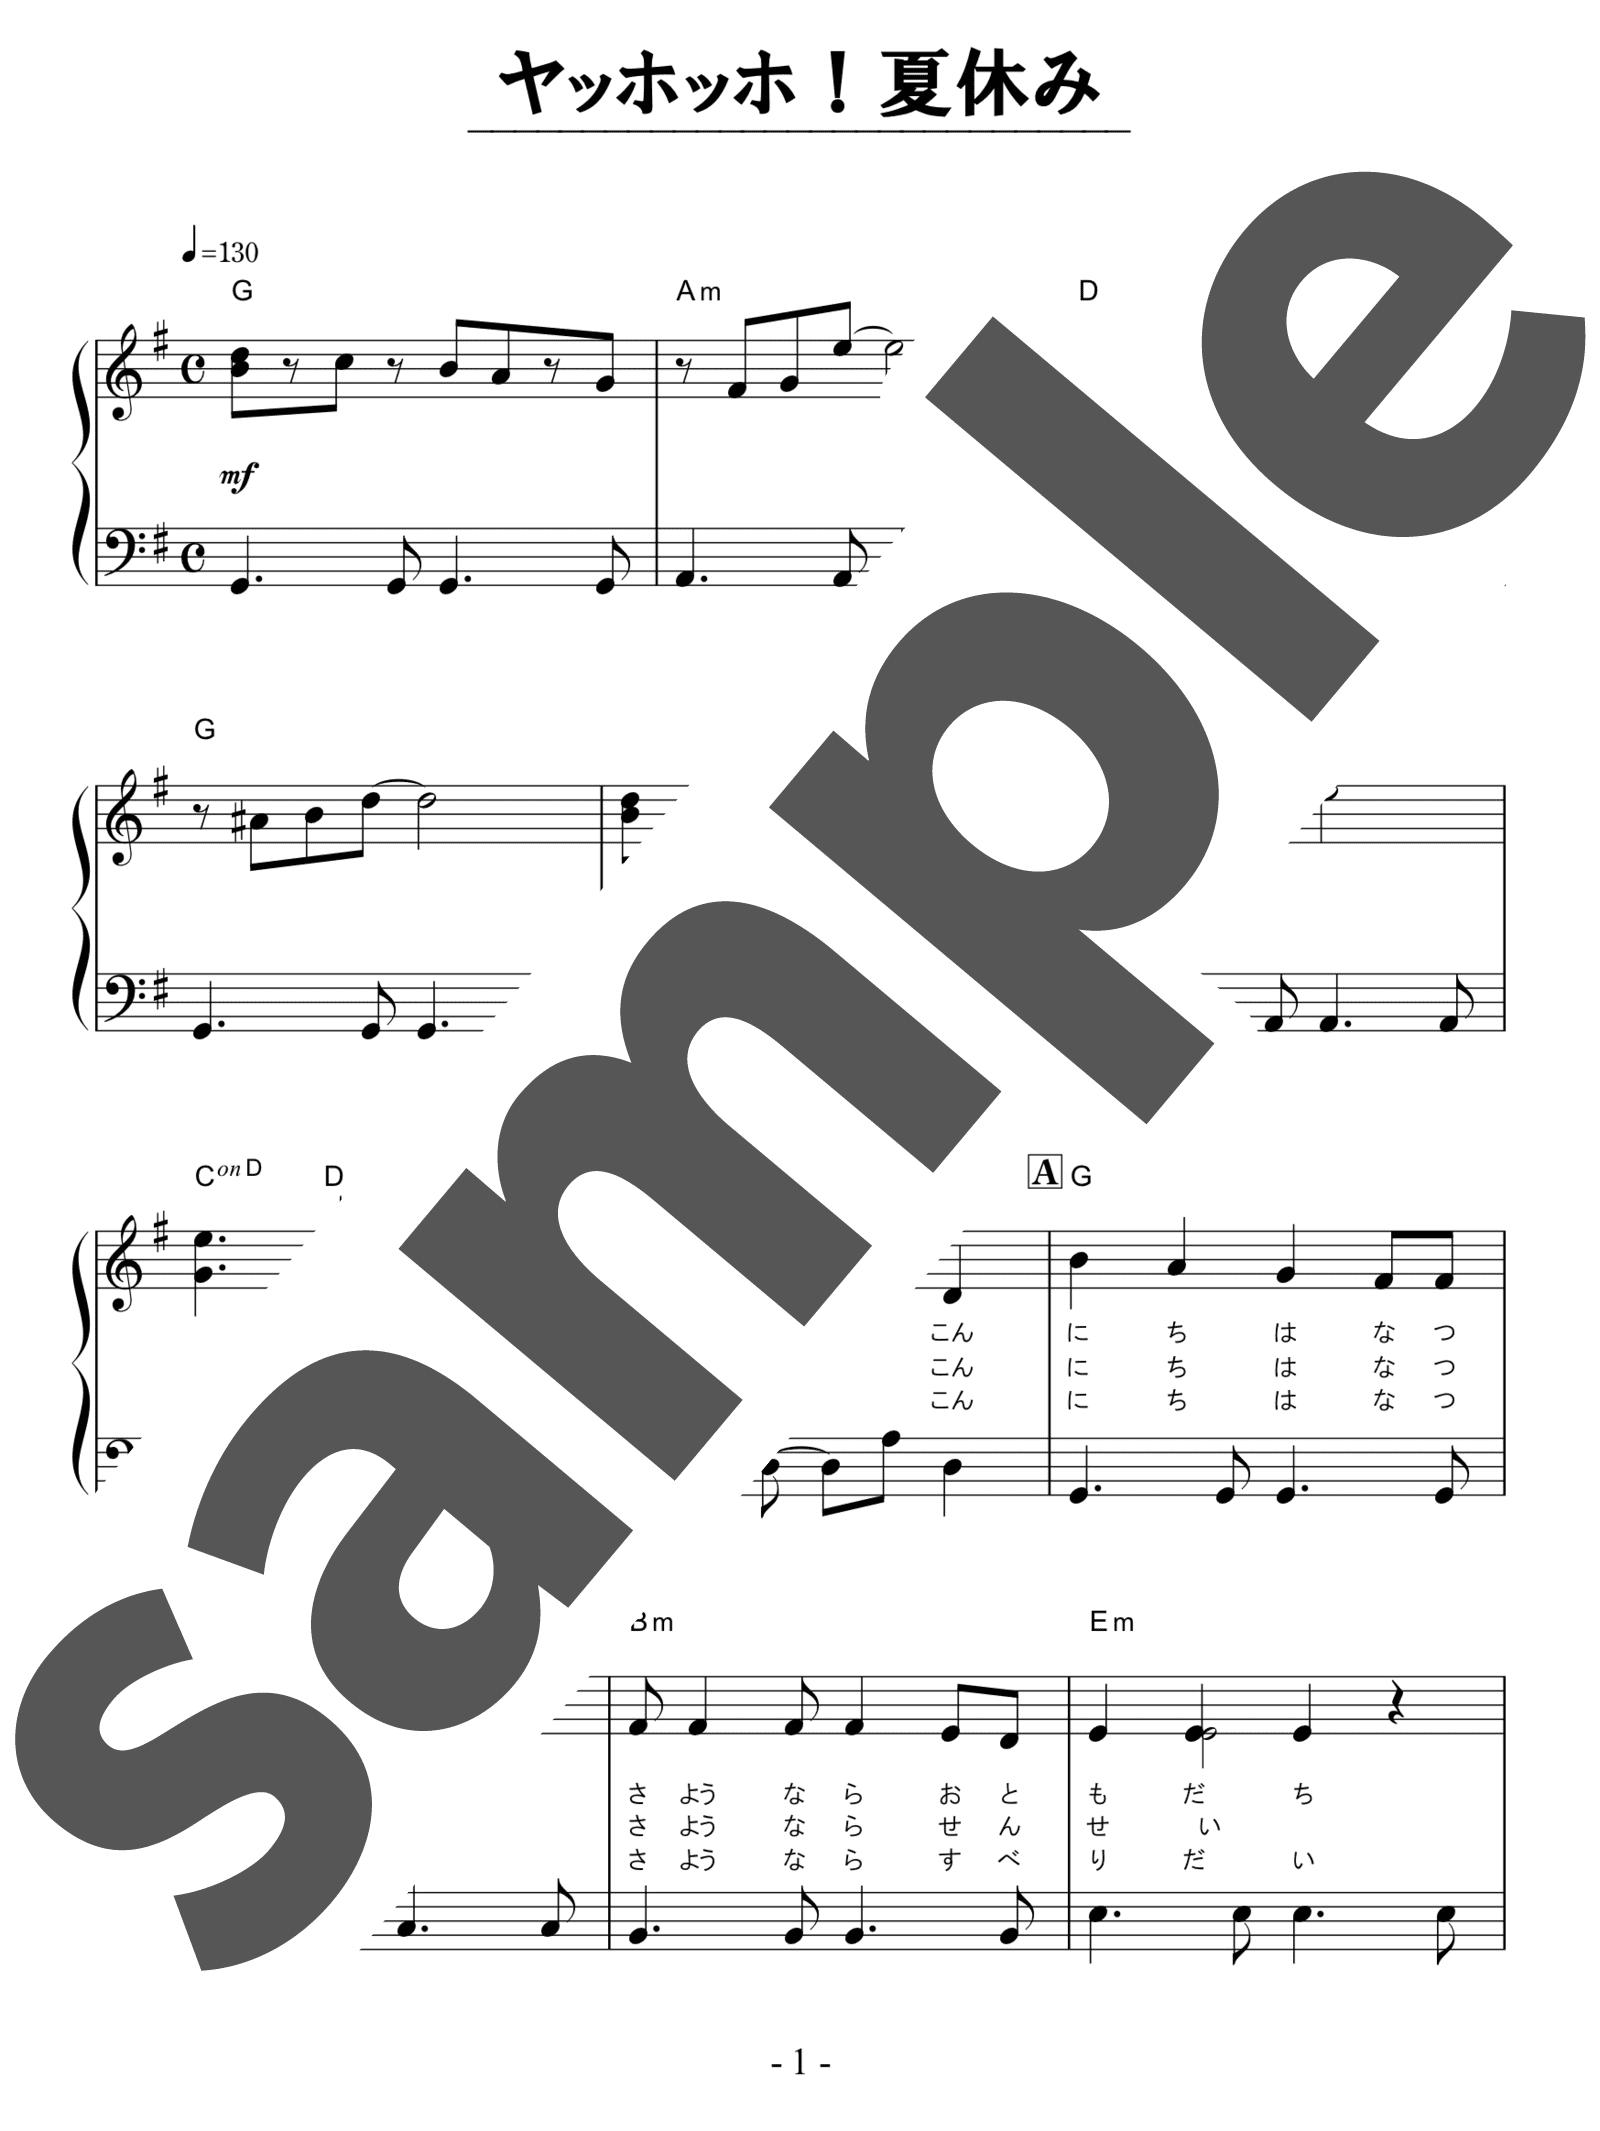 「ヤッホッホ!夏休み」のサンプル楽譜